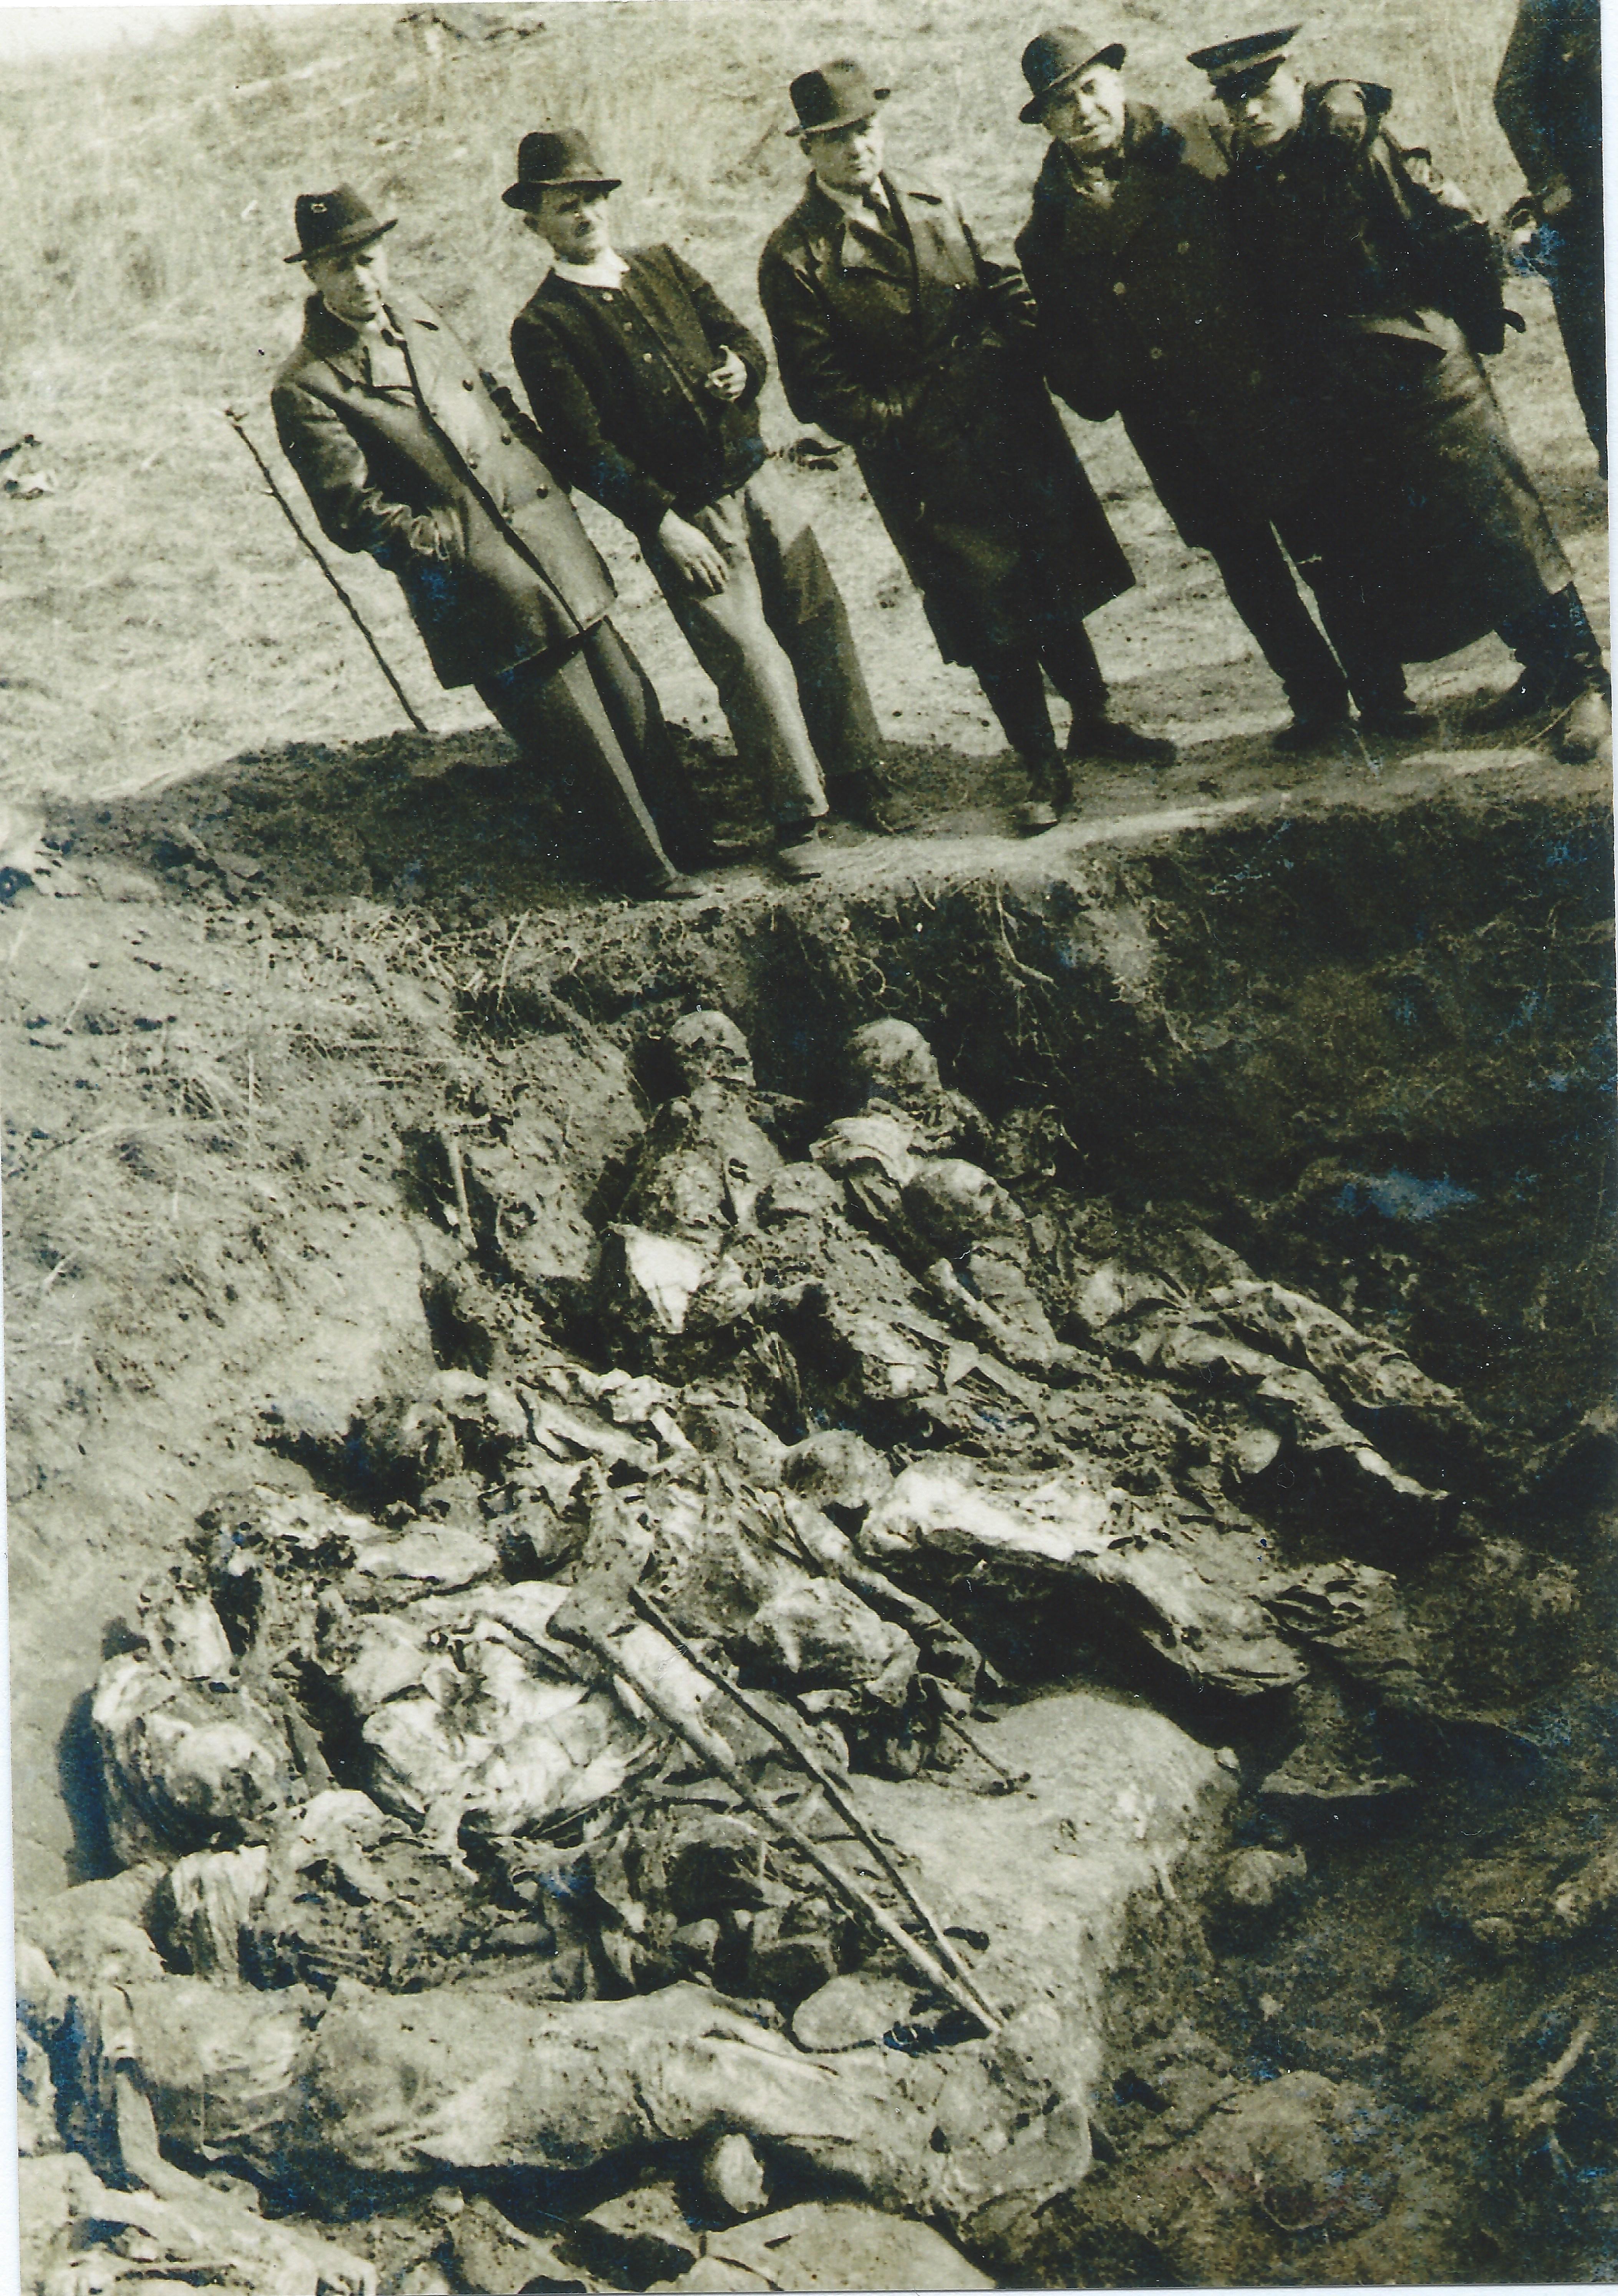 Anketna komisija za utvrđivanje zločina u logoru Zemun (Sajmište), kraj 1944. ili početak 1945. Jedna od grobnica (verovatno Bežanija). Iz zaostavštine dr Mirka Vlajkovića.